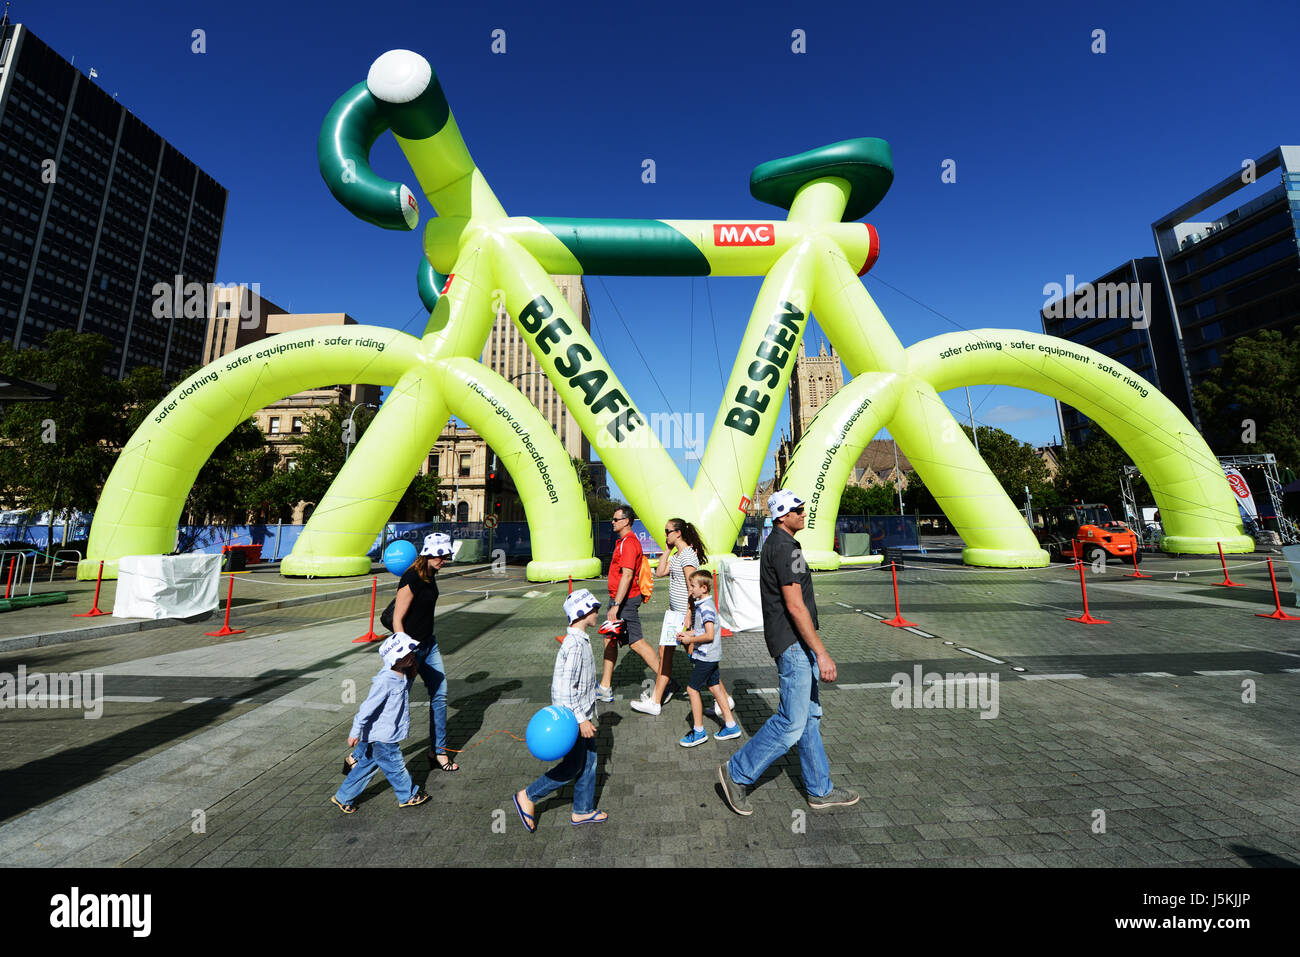 Festività ed eventi durante il Tour Down Under in Adelaide, Australia. Immagini Stock